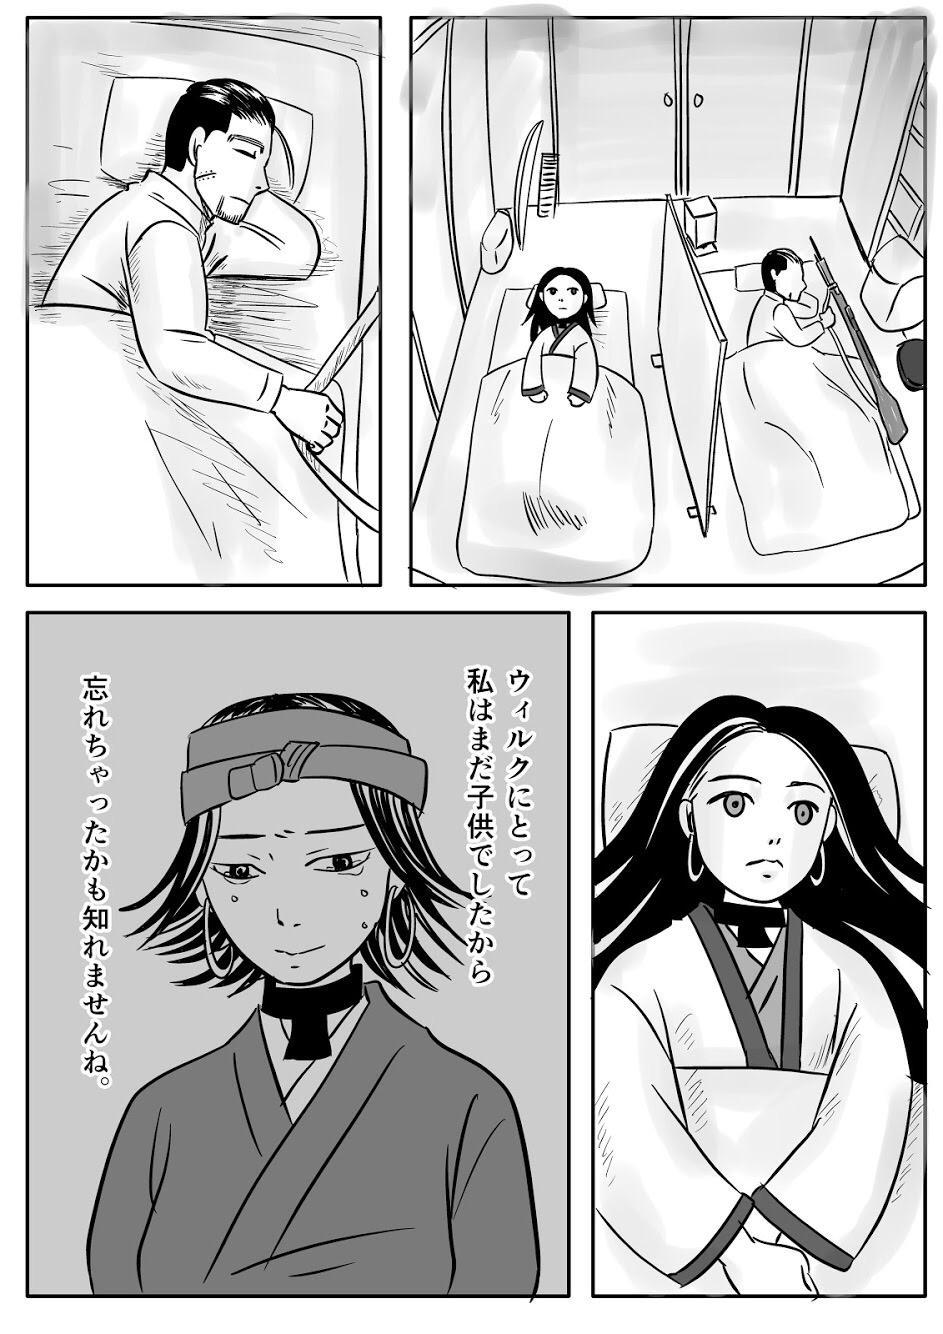 Toko no Koto 2